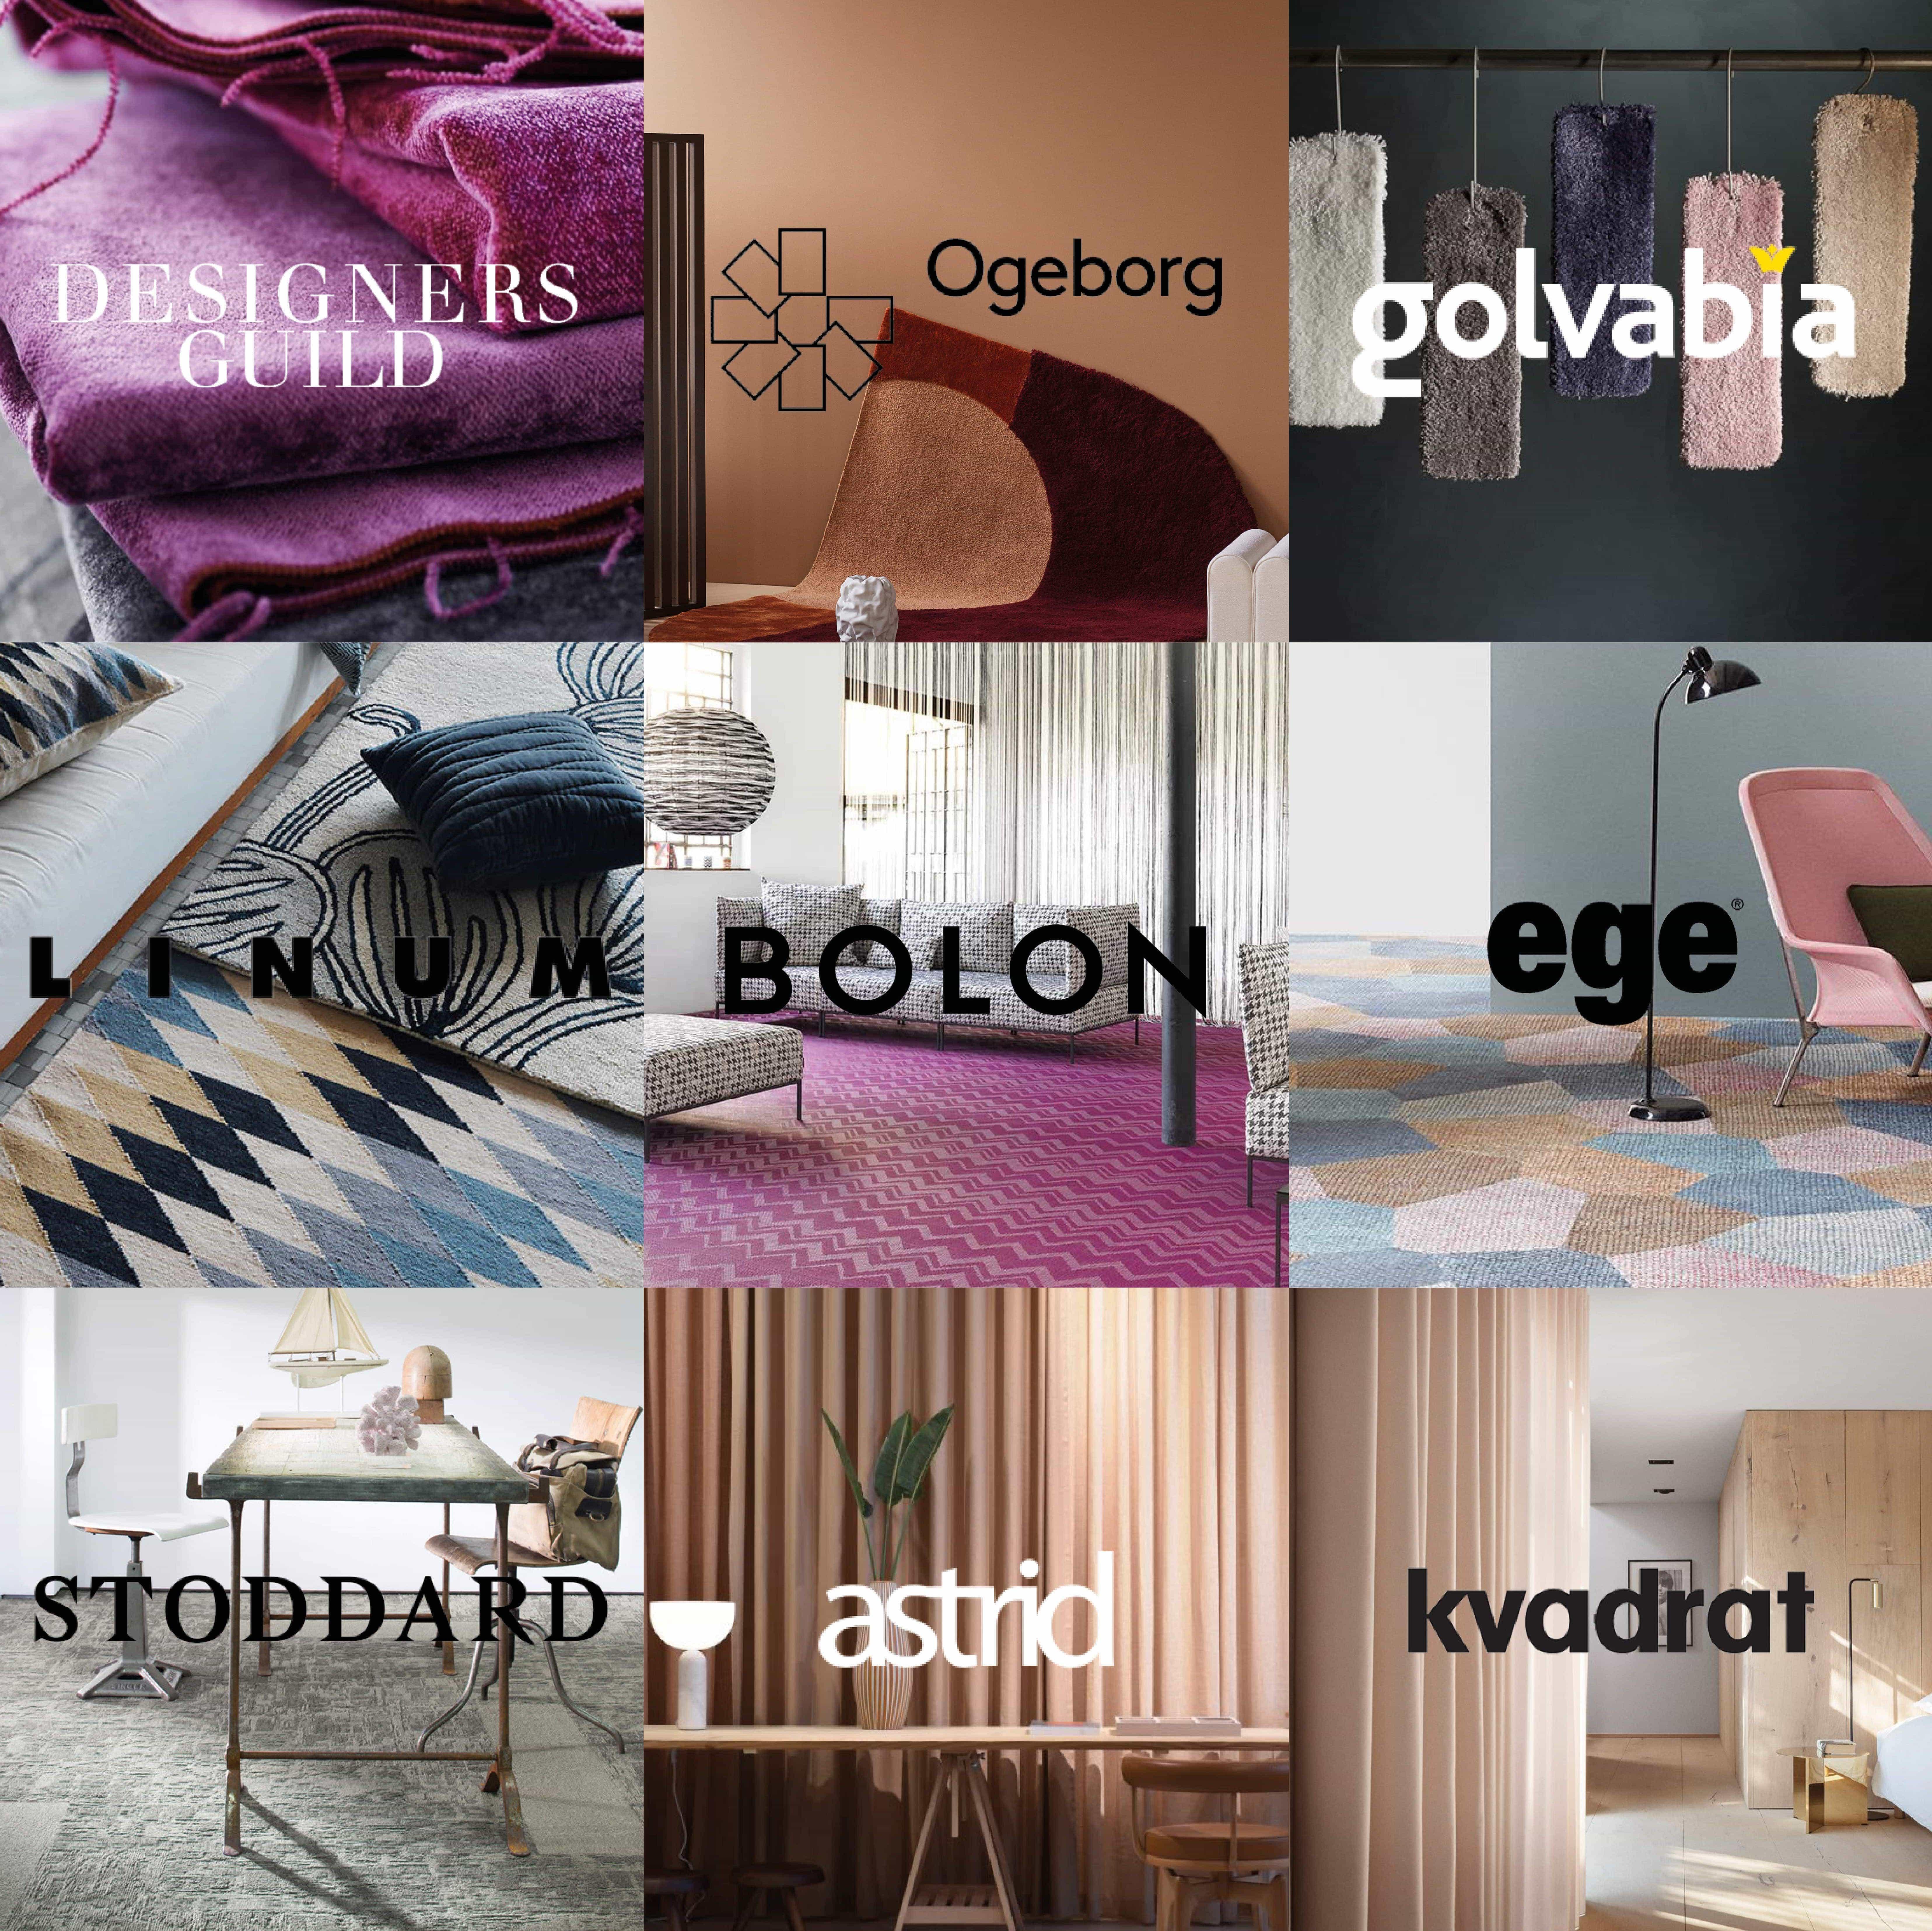 textilvarumärken vi erbjuder